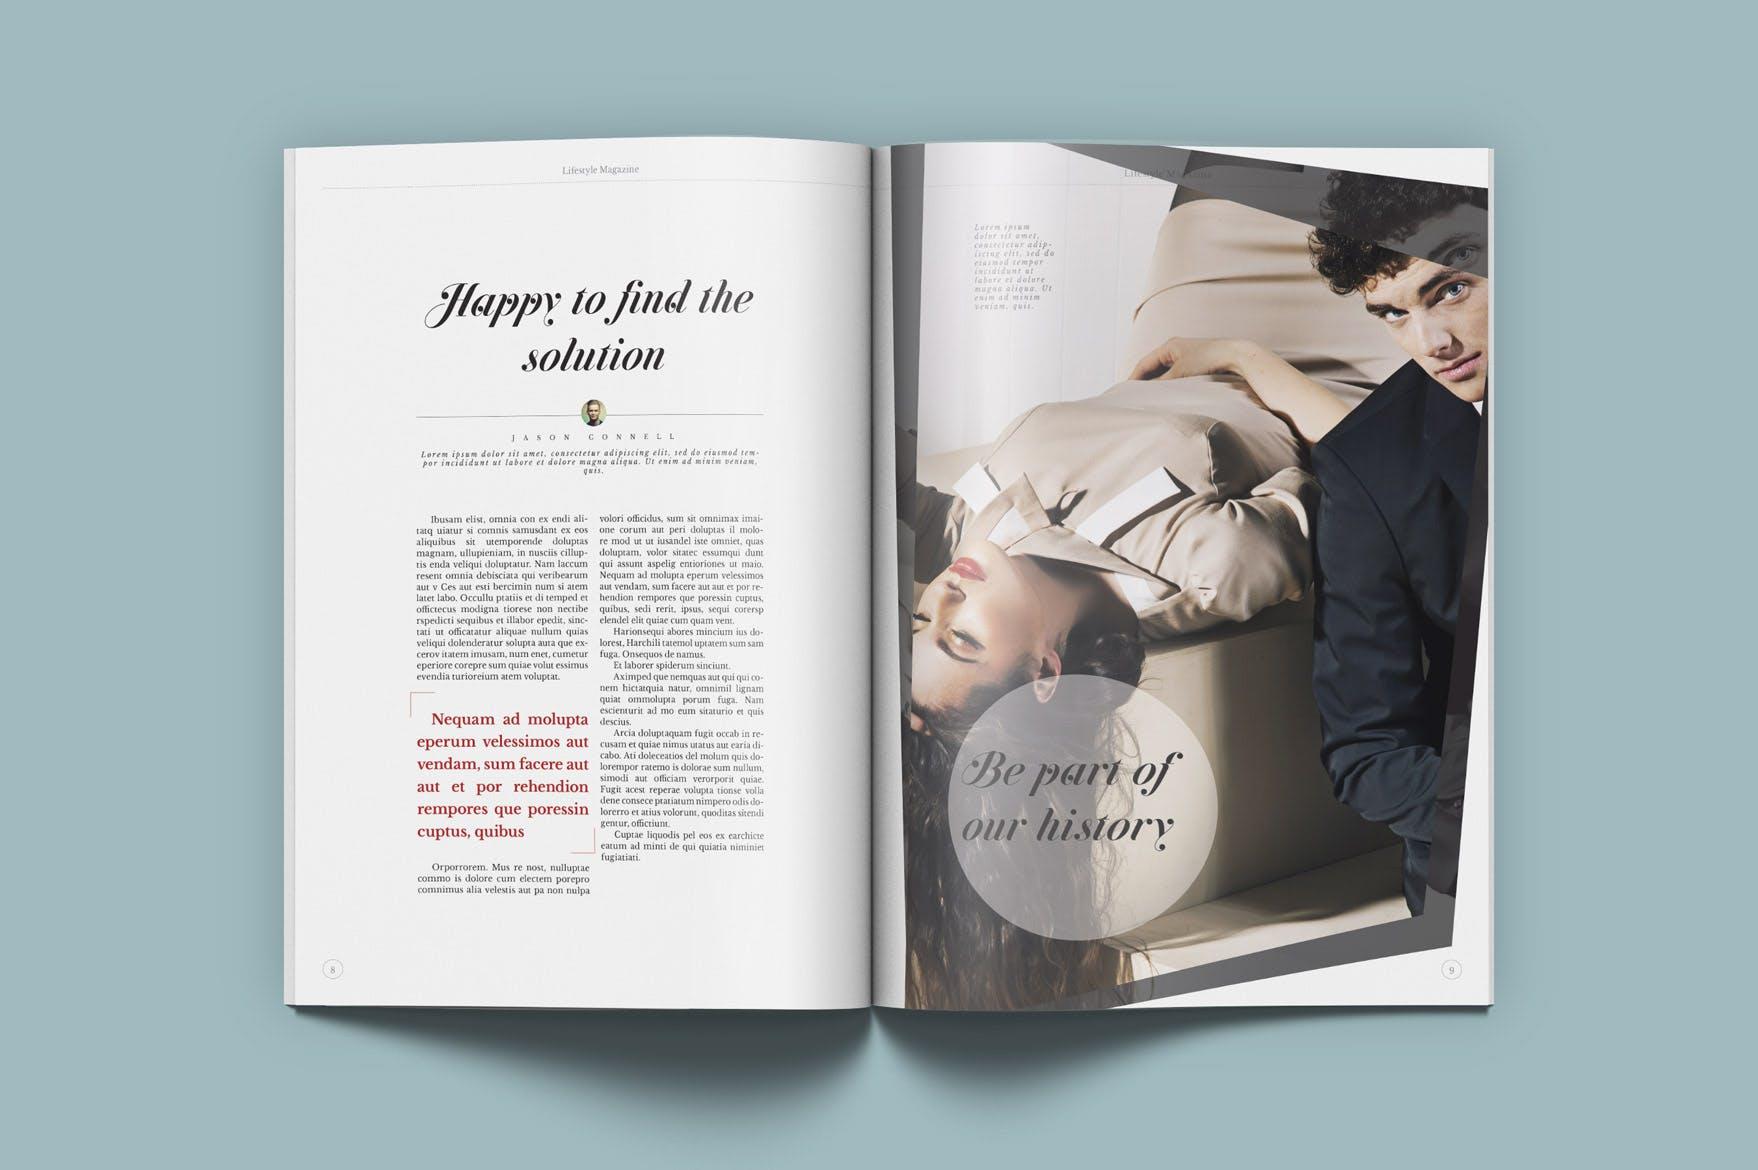 生活时尚杂志Lifestyle & Fashion Magazine